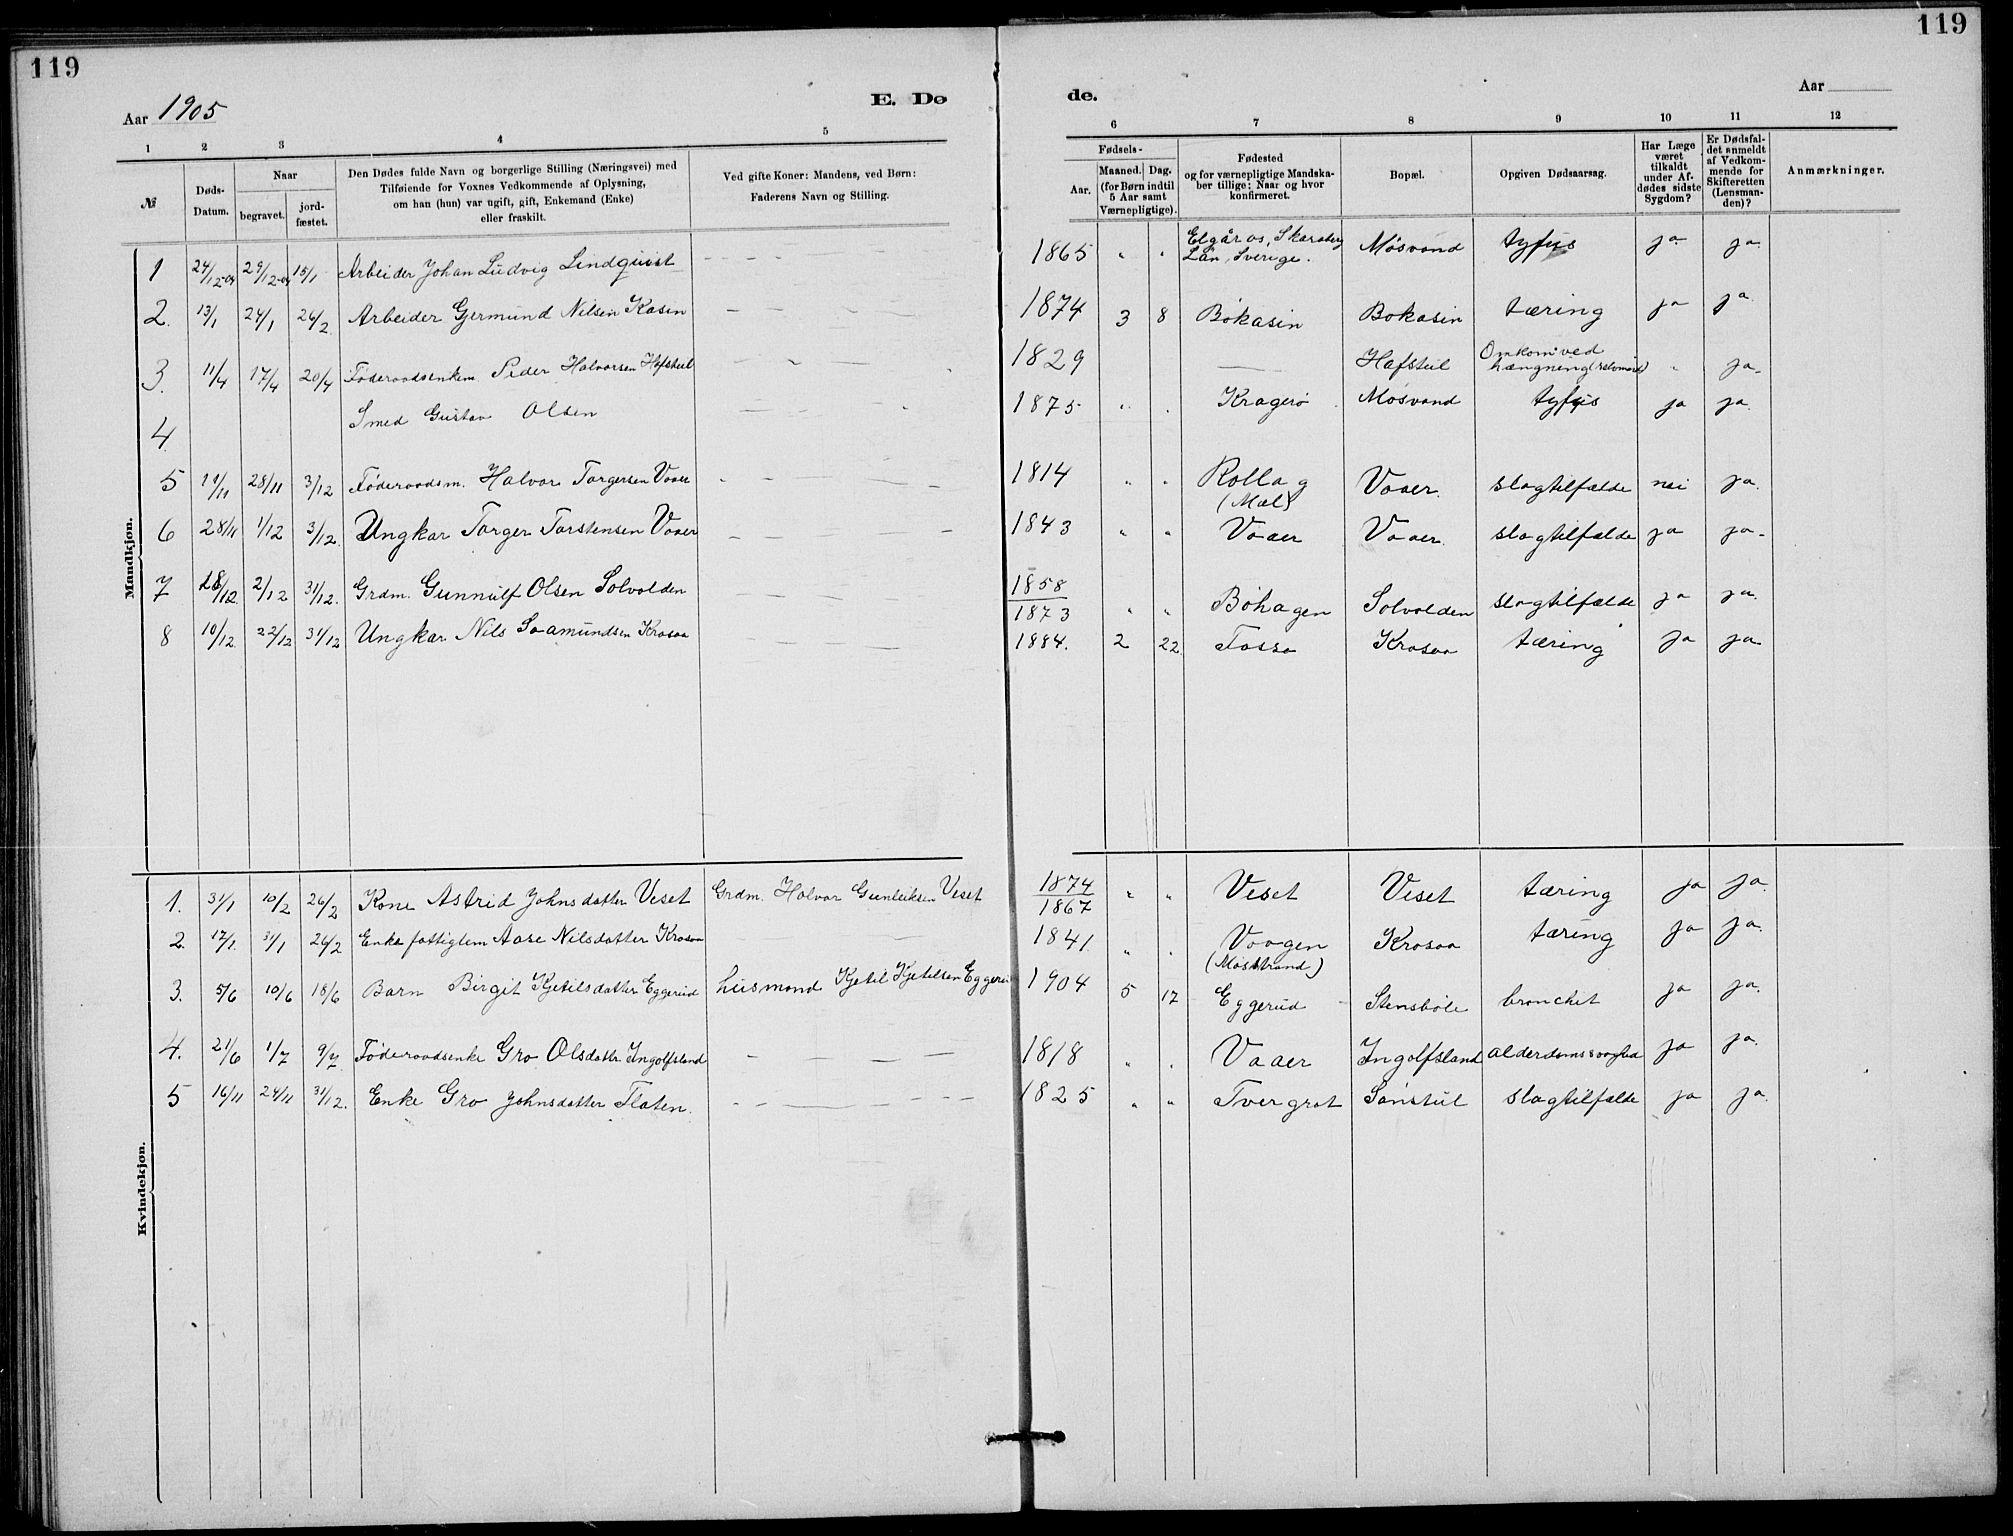 SAKO, Rjukan kirkebøker, G/Ga/L0001: Klokkerbok nr. 1, 1880-1914, s. 119